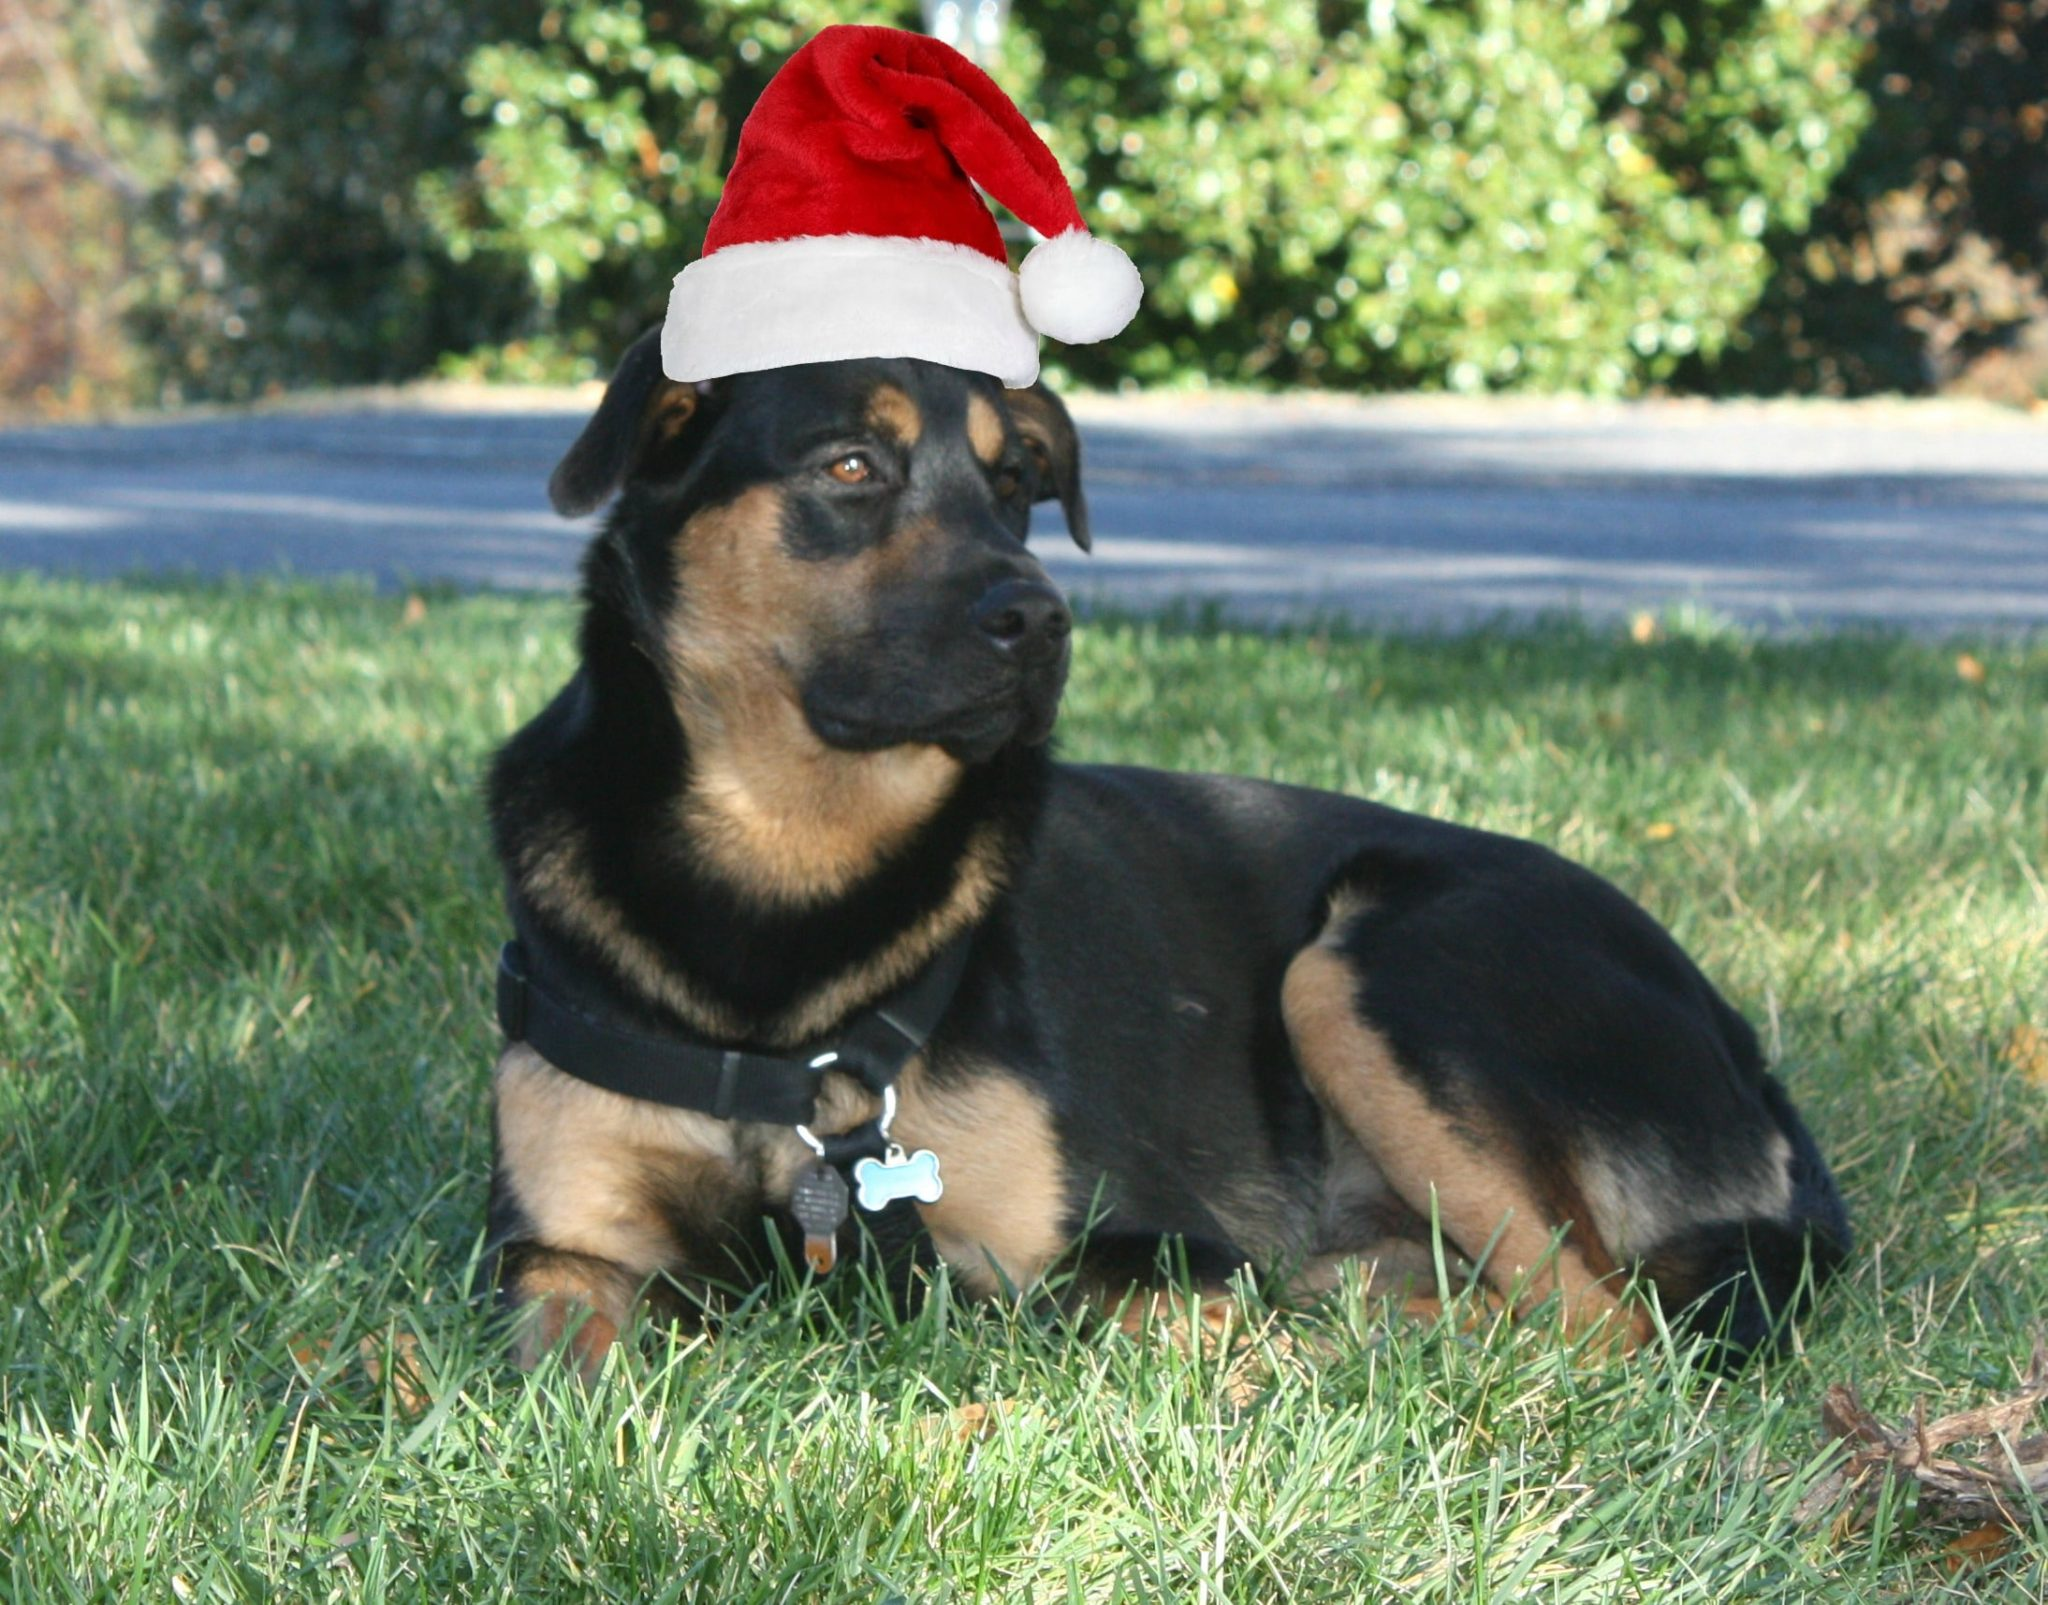 Sherman Skulina says Merry Christmas